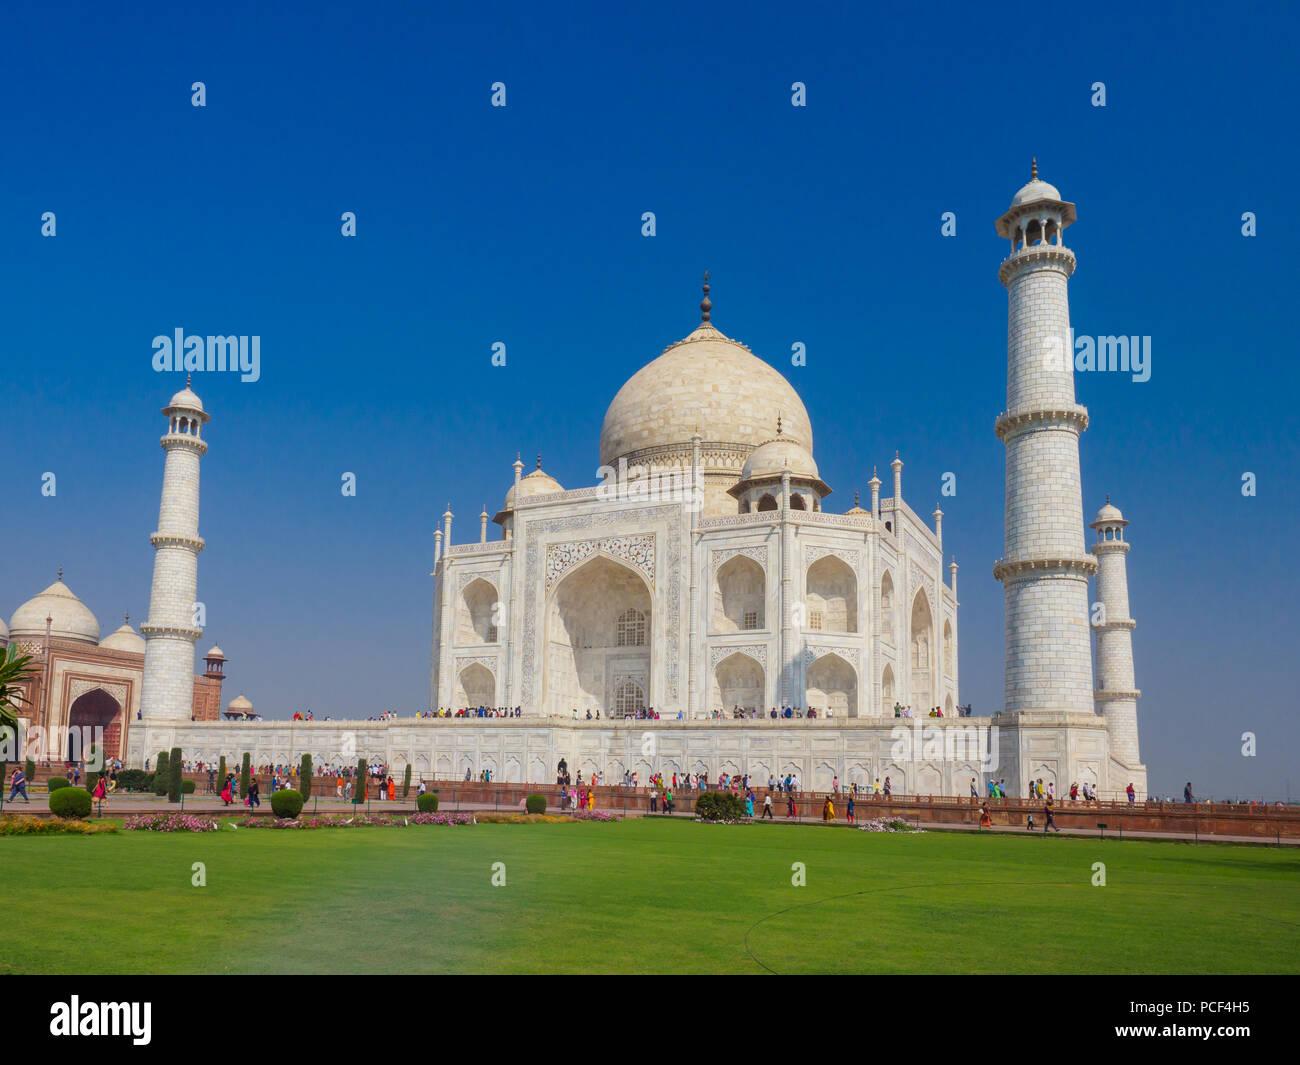 Touristen, die in der Taj Mahal, das Elfenbein-weißem Marmor Mausoleum in der Stadt Agra, Uttar Pradesh, Indien. Stockbild